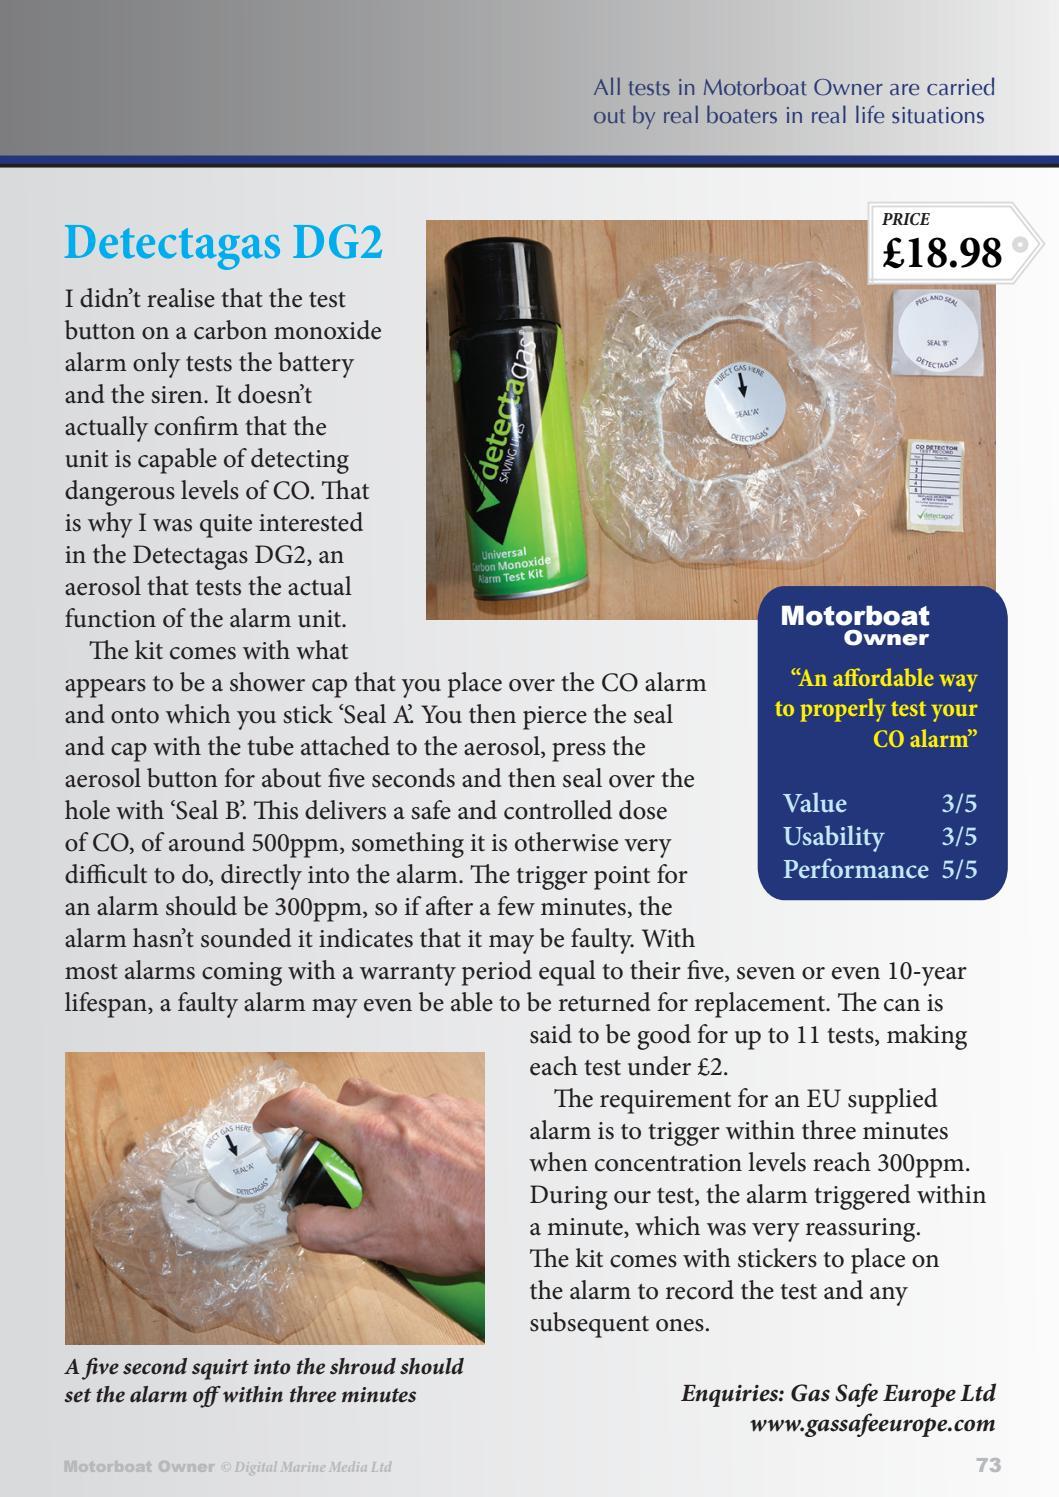 Detectagas universal carbon monoxide test kit